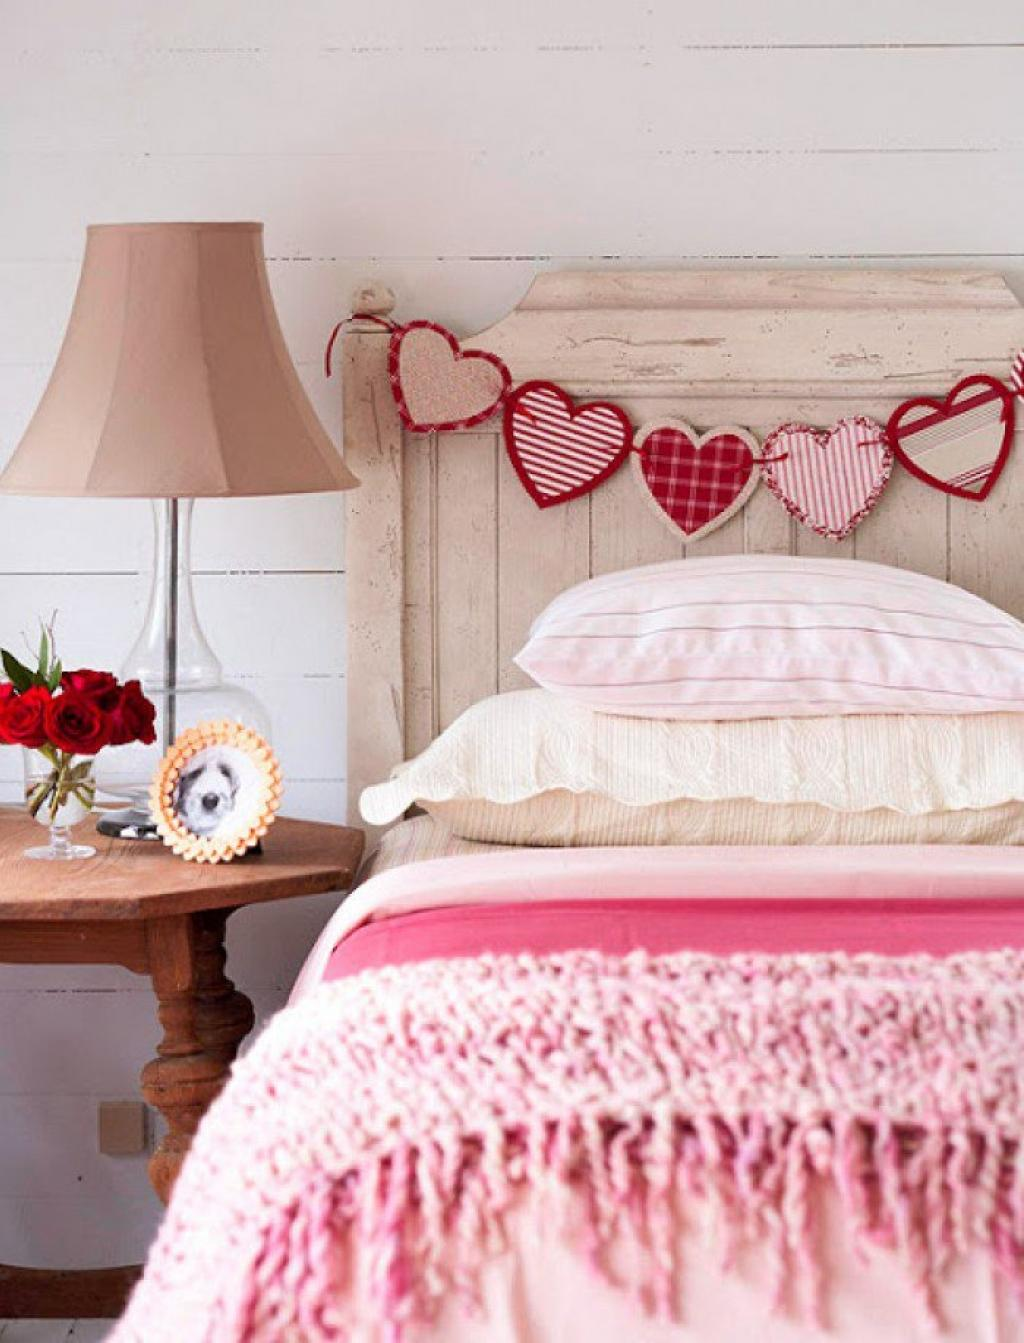 Декор кровати на день святого валентина